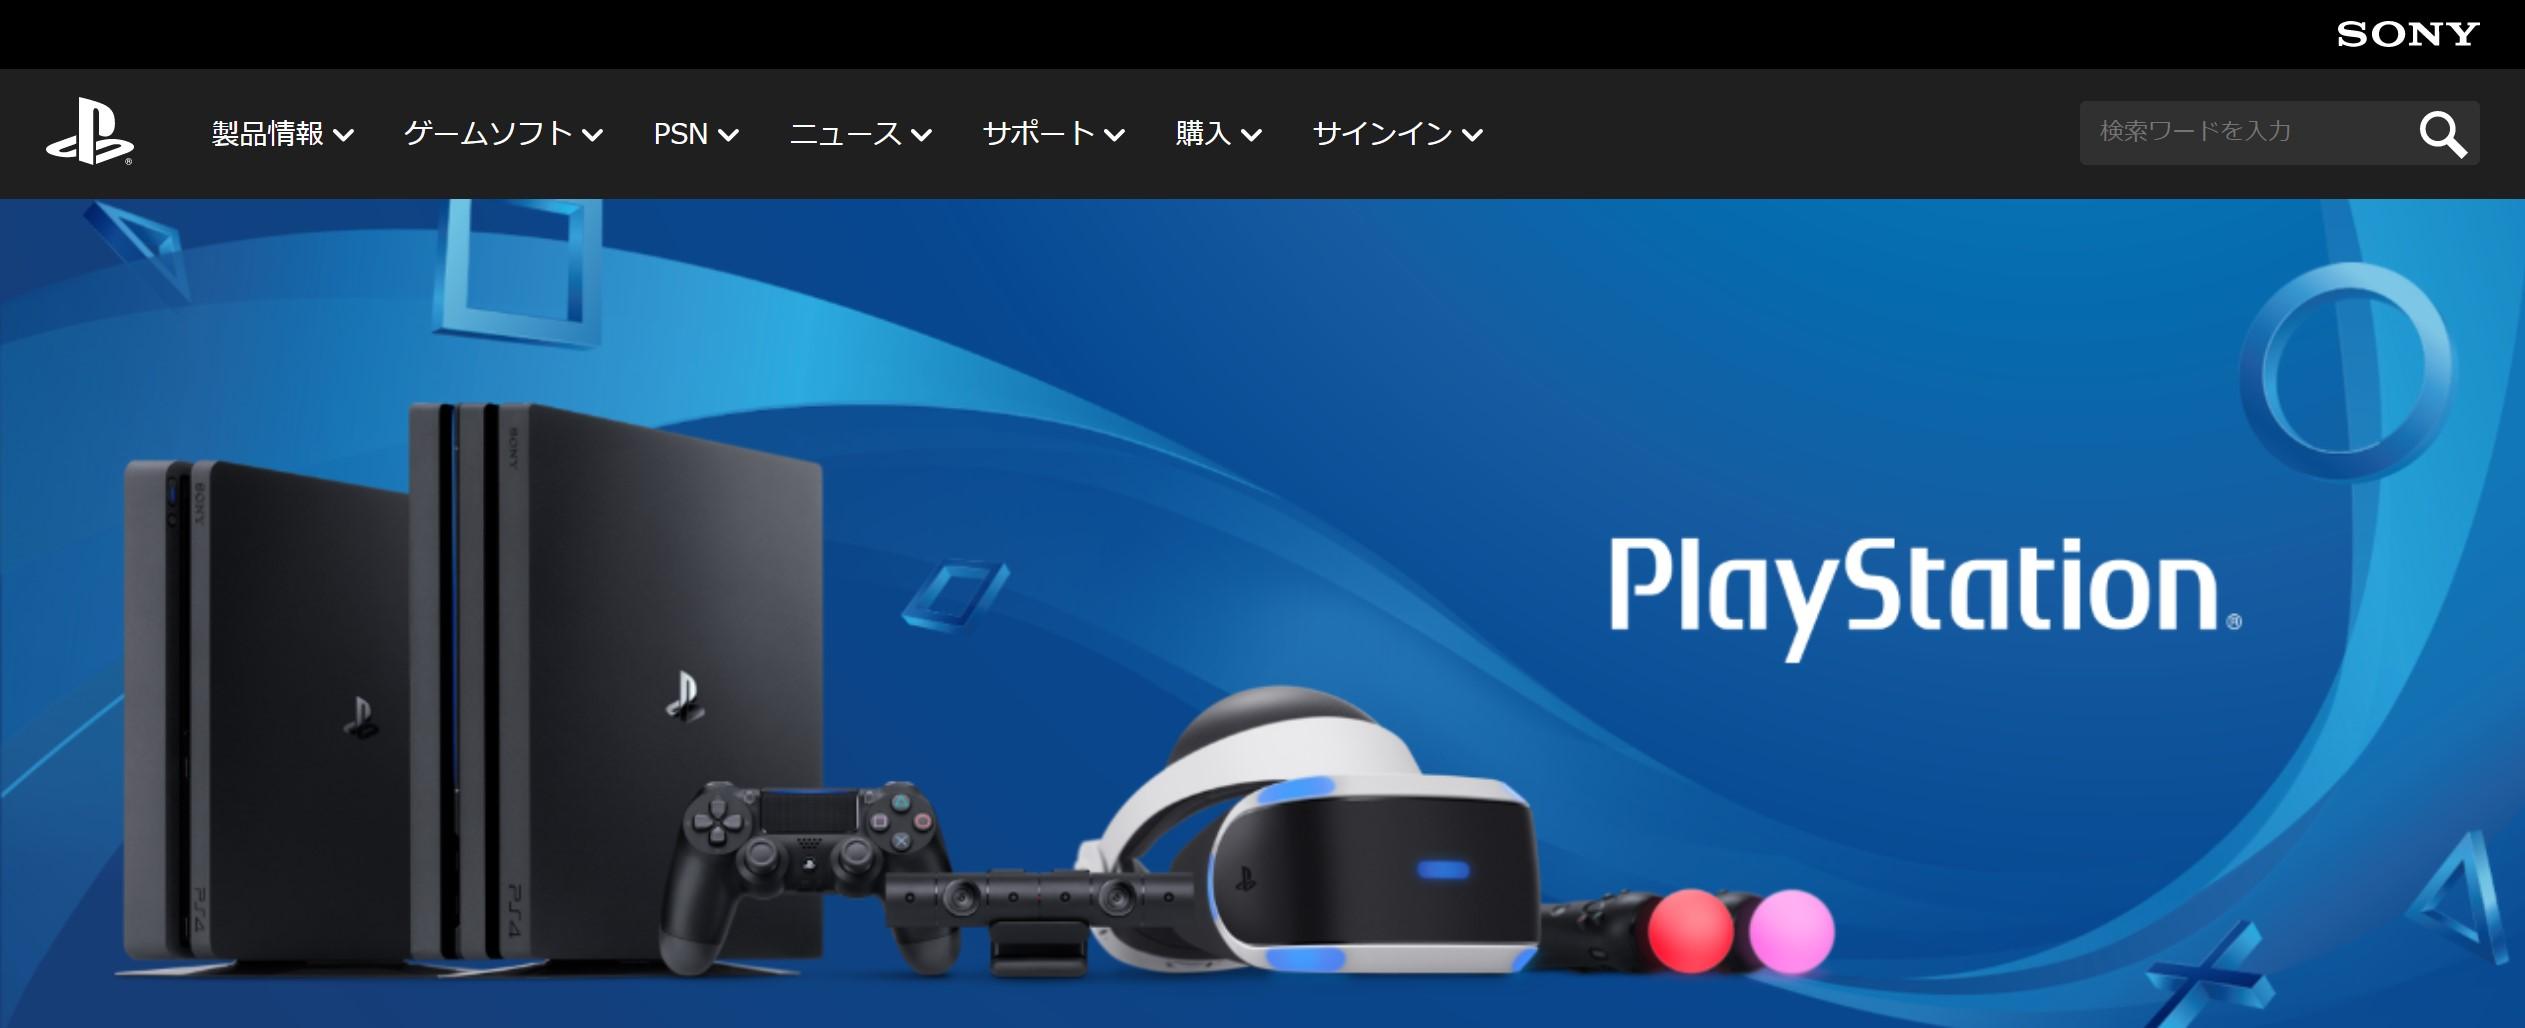 PS4をリモートプレイしてノートPCで遊ぶ方法